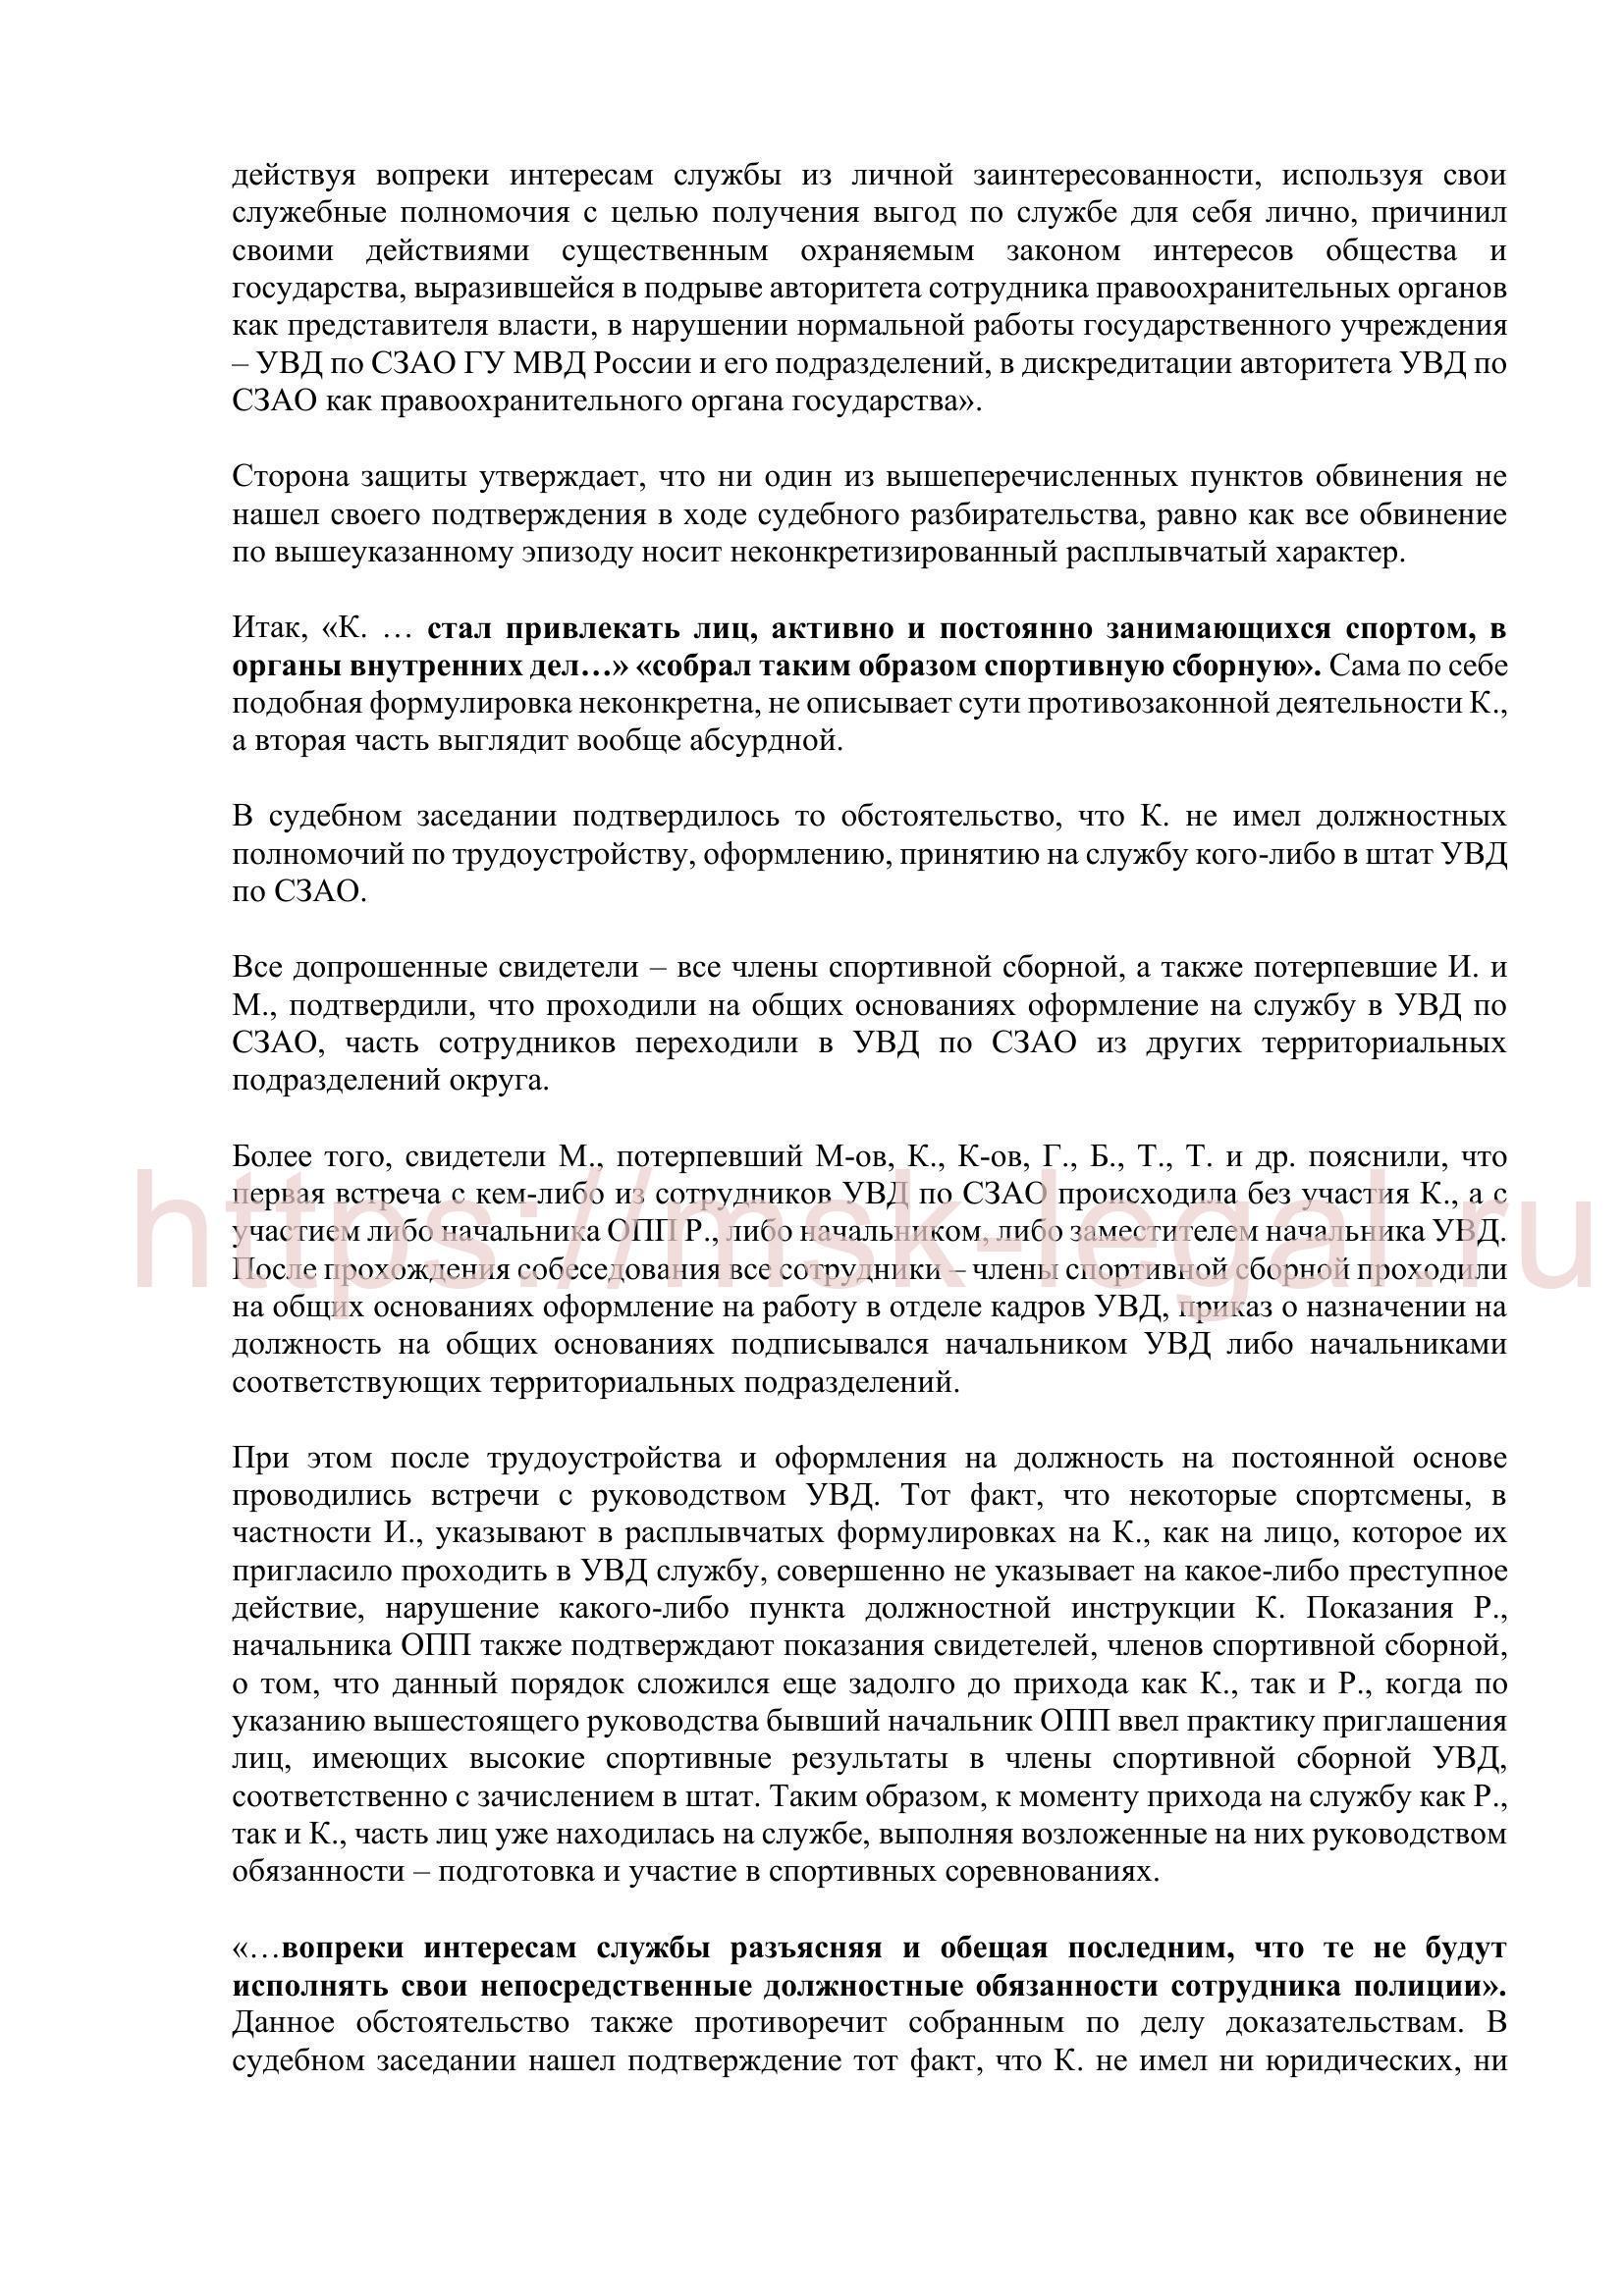 Прения адвоката Хоруженко А. С. по ст. 159 и 285 УК РФ